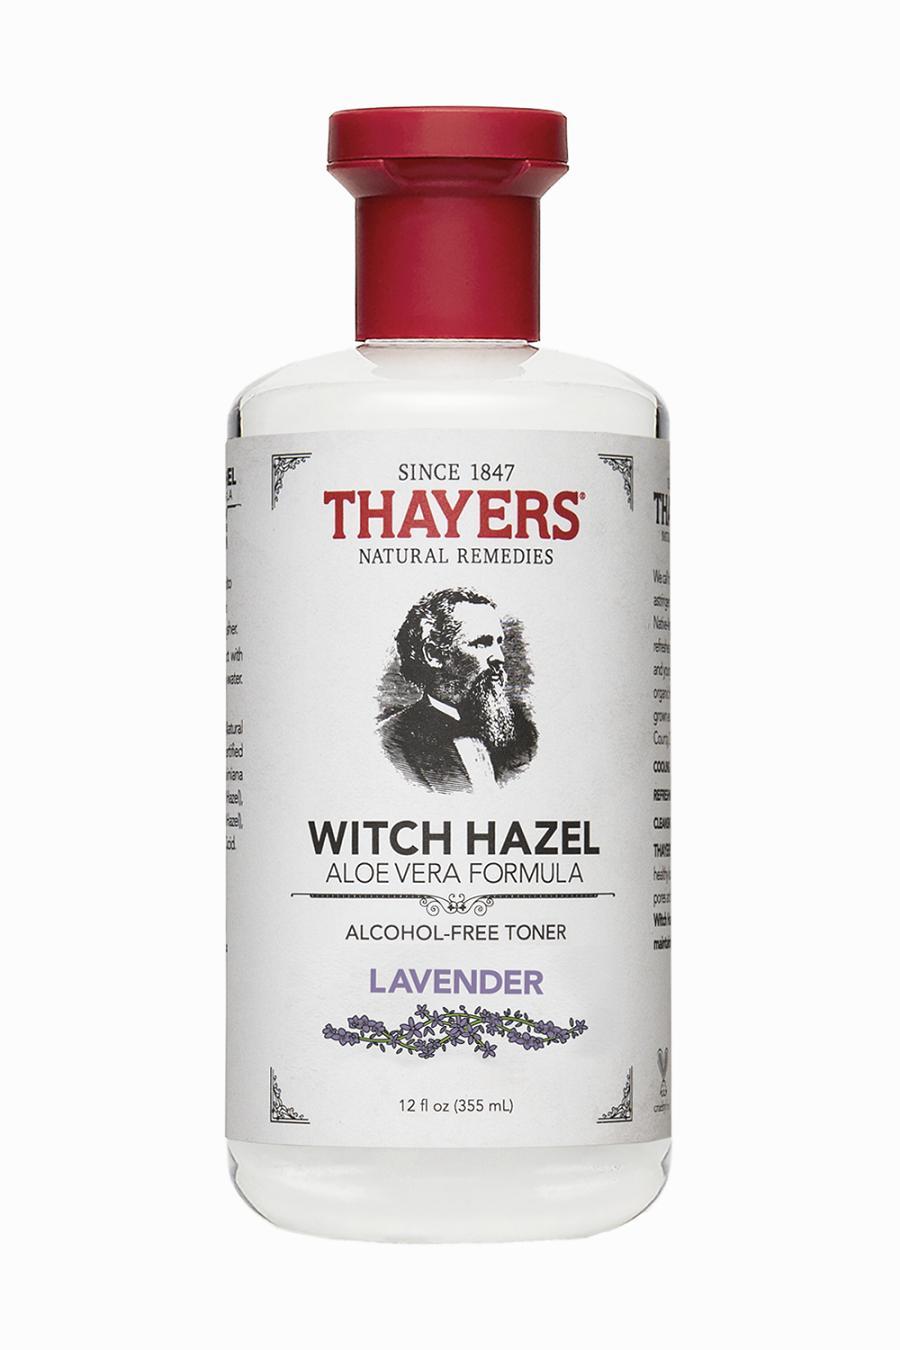 Bán Nước Hoa Hồng Khong Cồn Thayers Alcohol Free Lavender Witch Hazel Toner 355Ml Hương Lavender Danh Cho Da Mụn Thayers